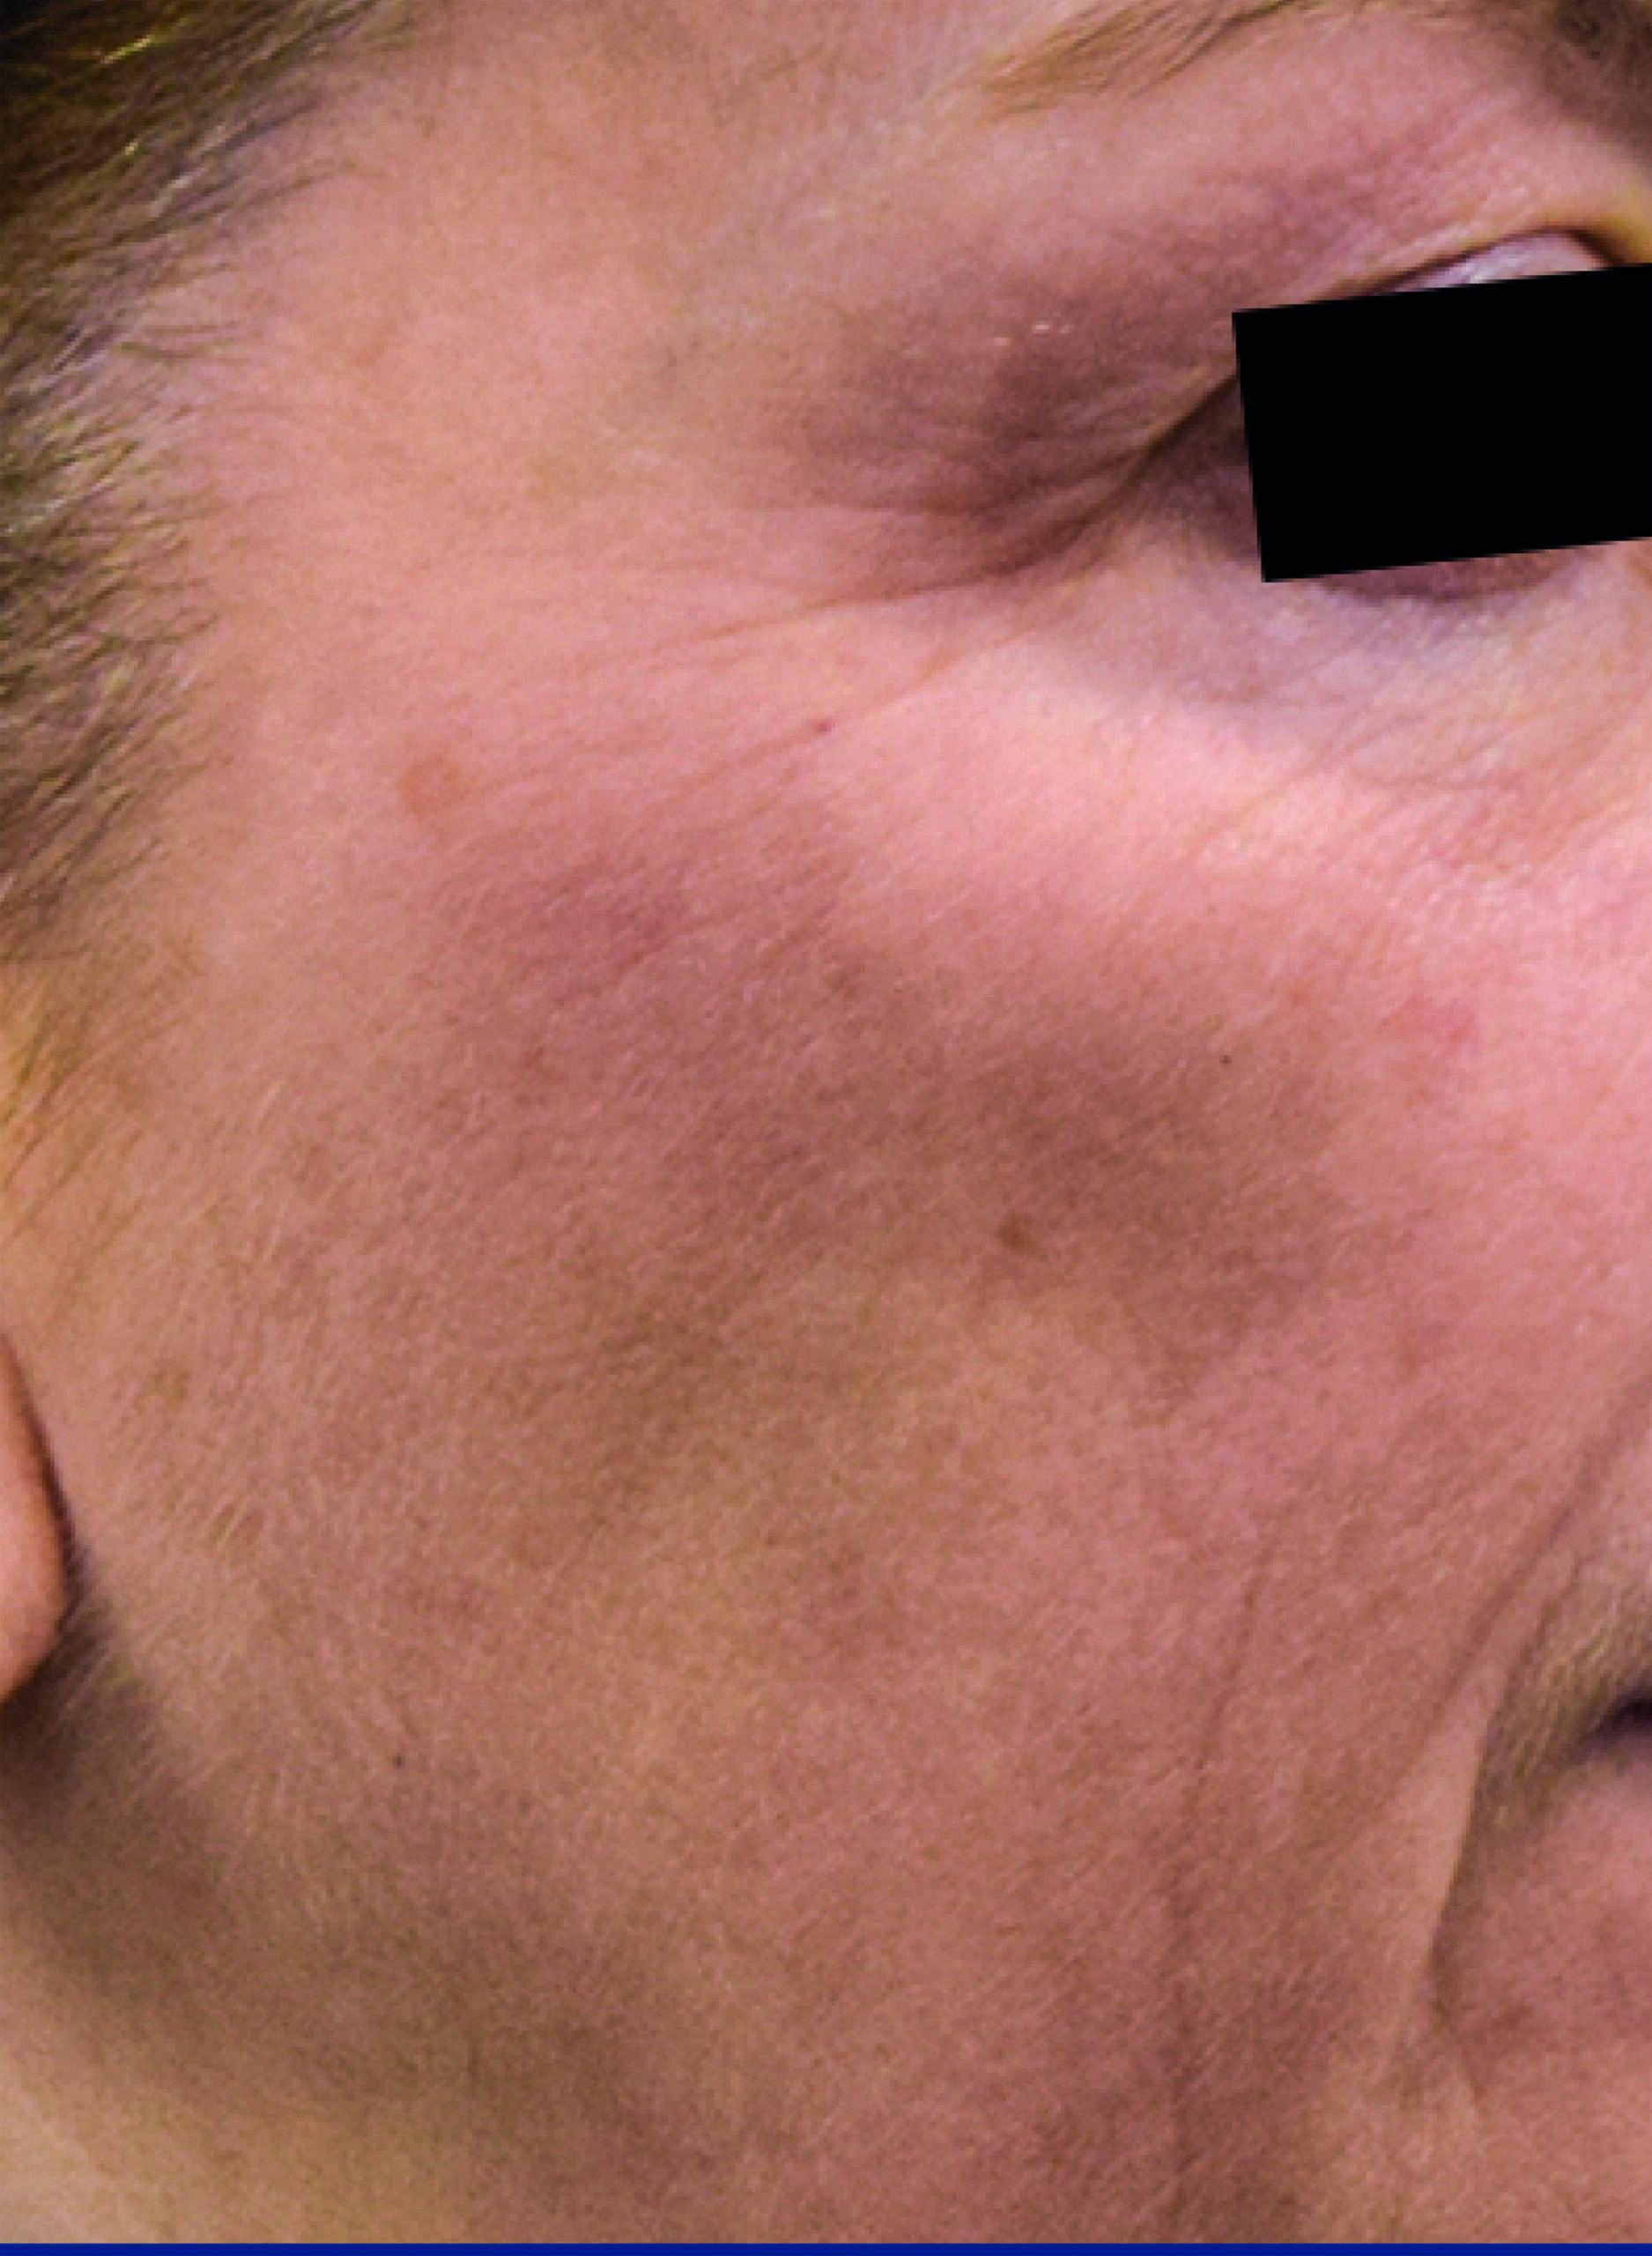 elastiderm eye 1 after